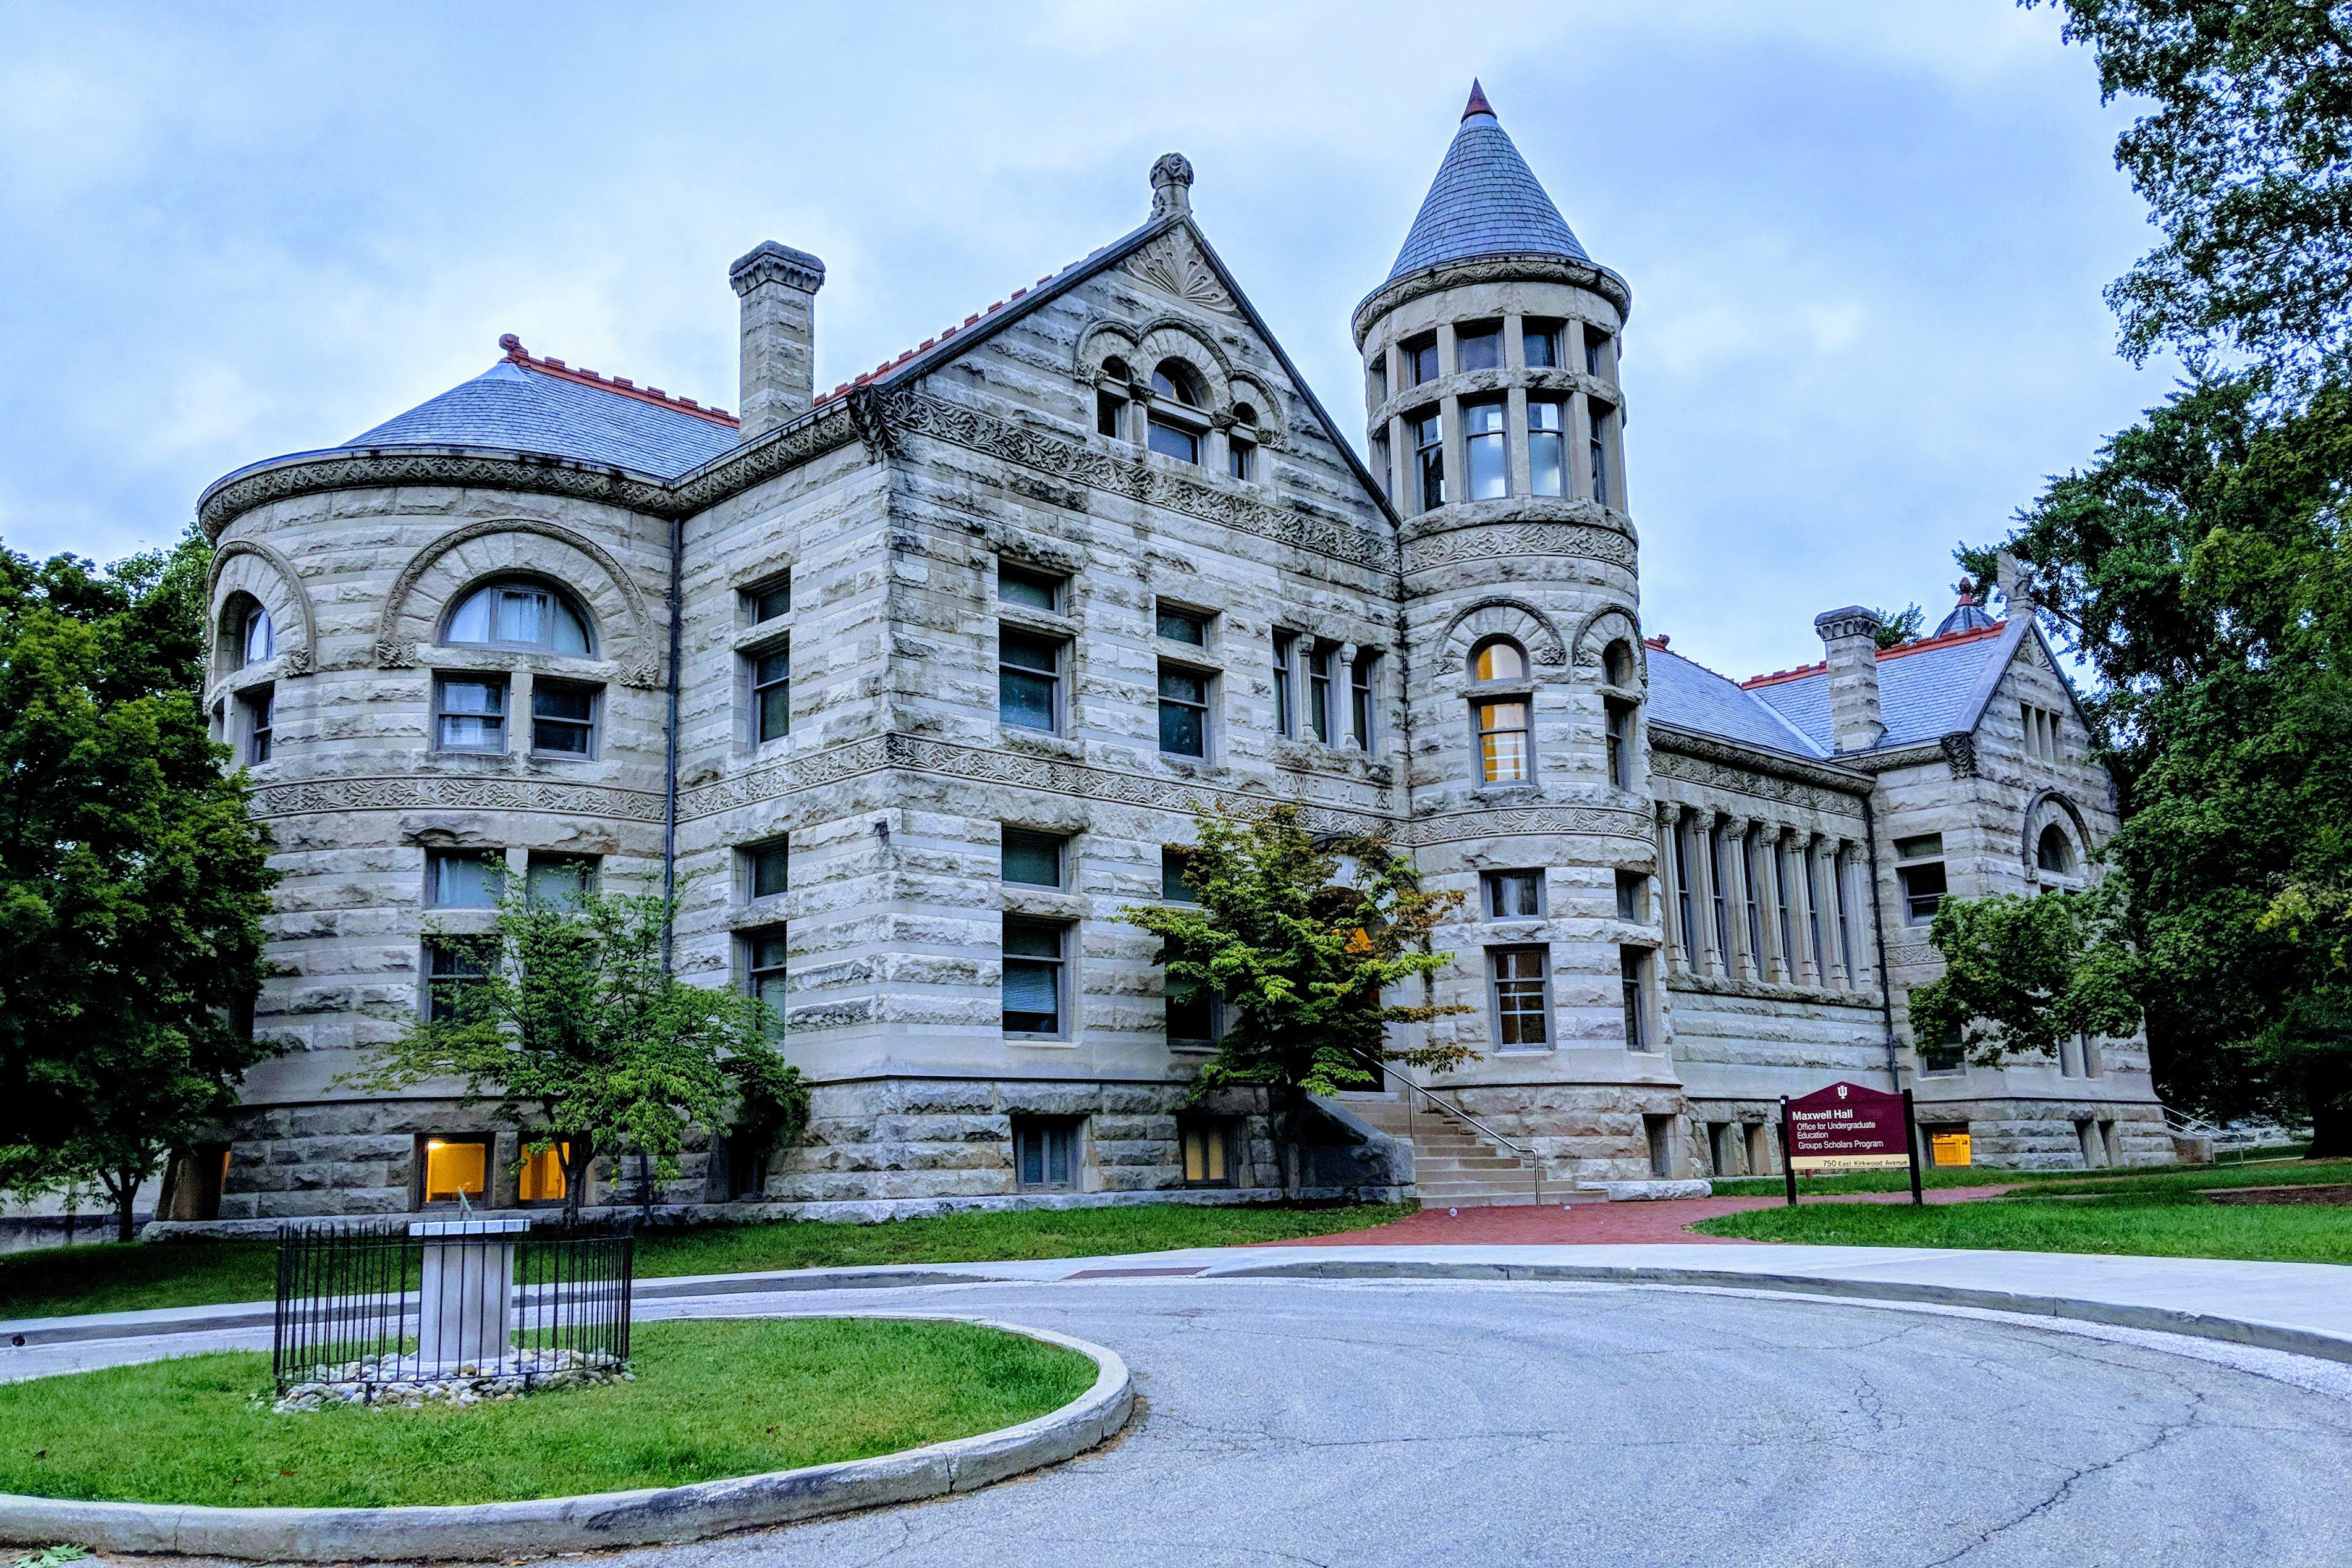 Indiana University - Spruce Residence Hall - MSKTD